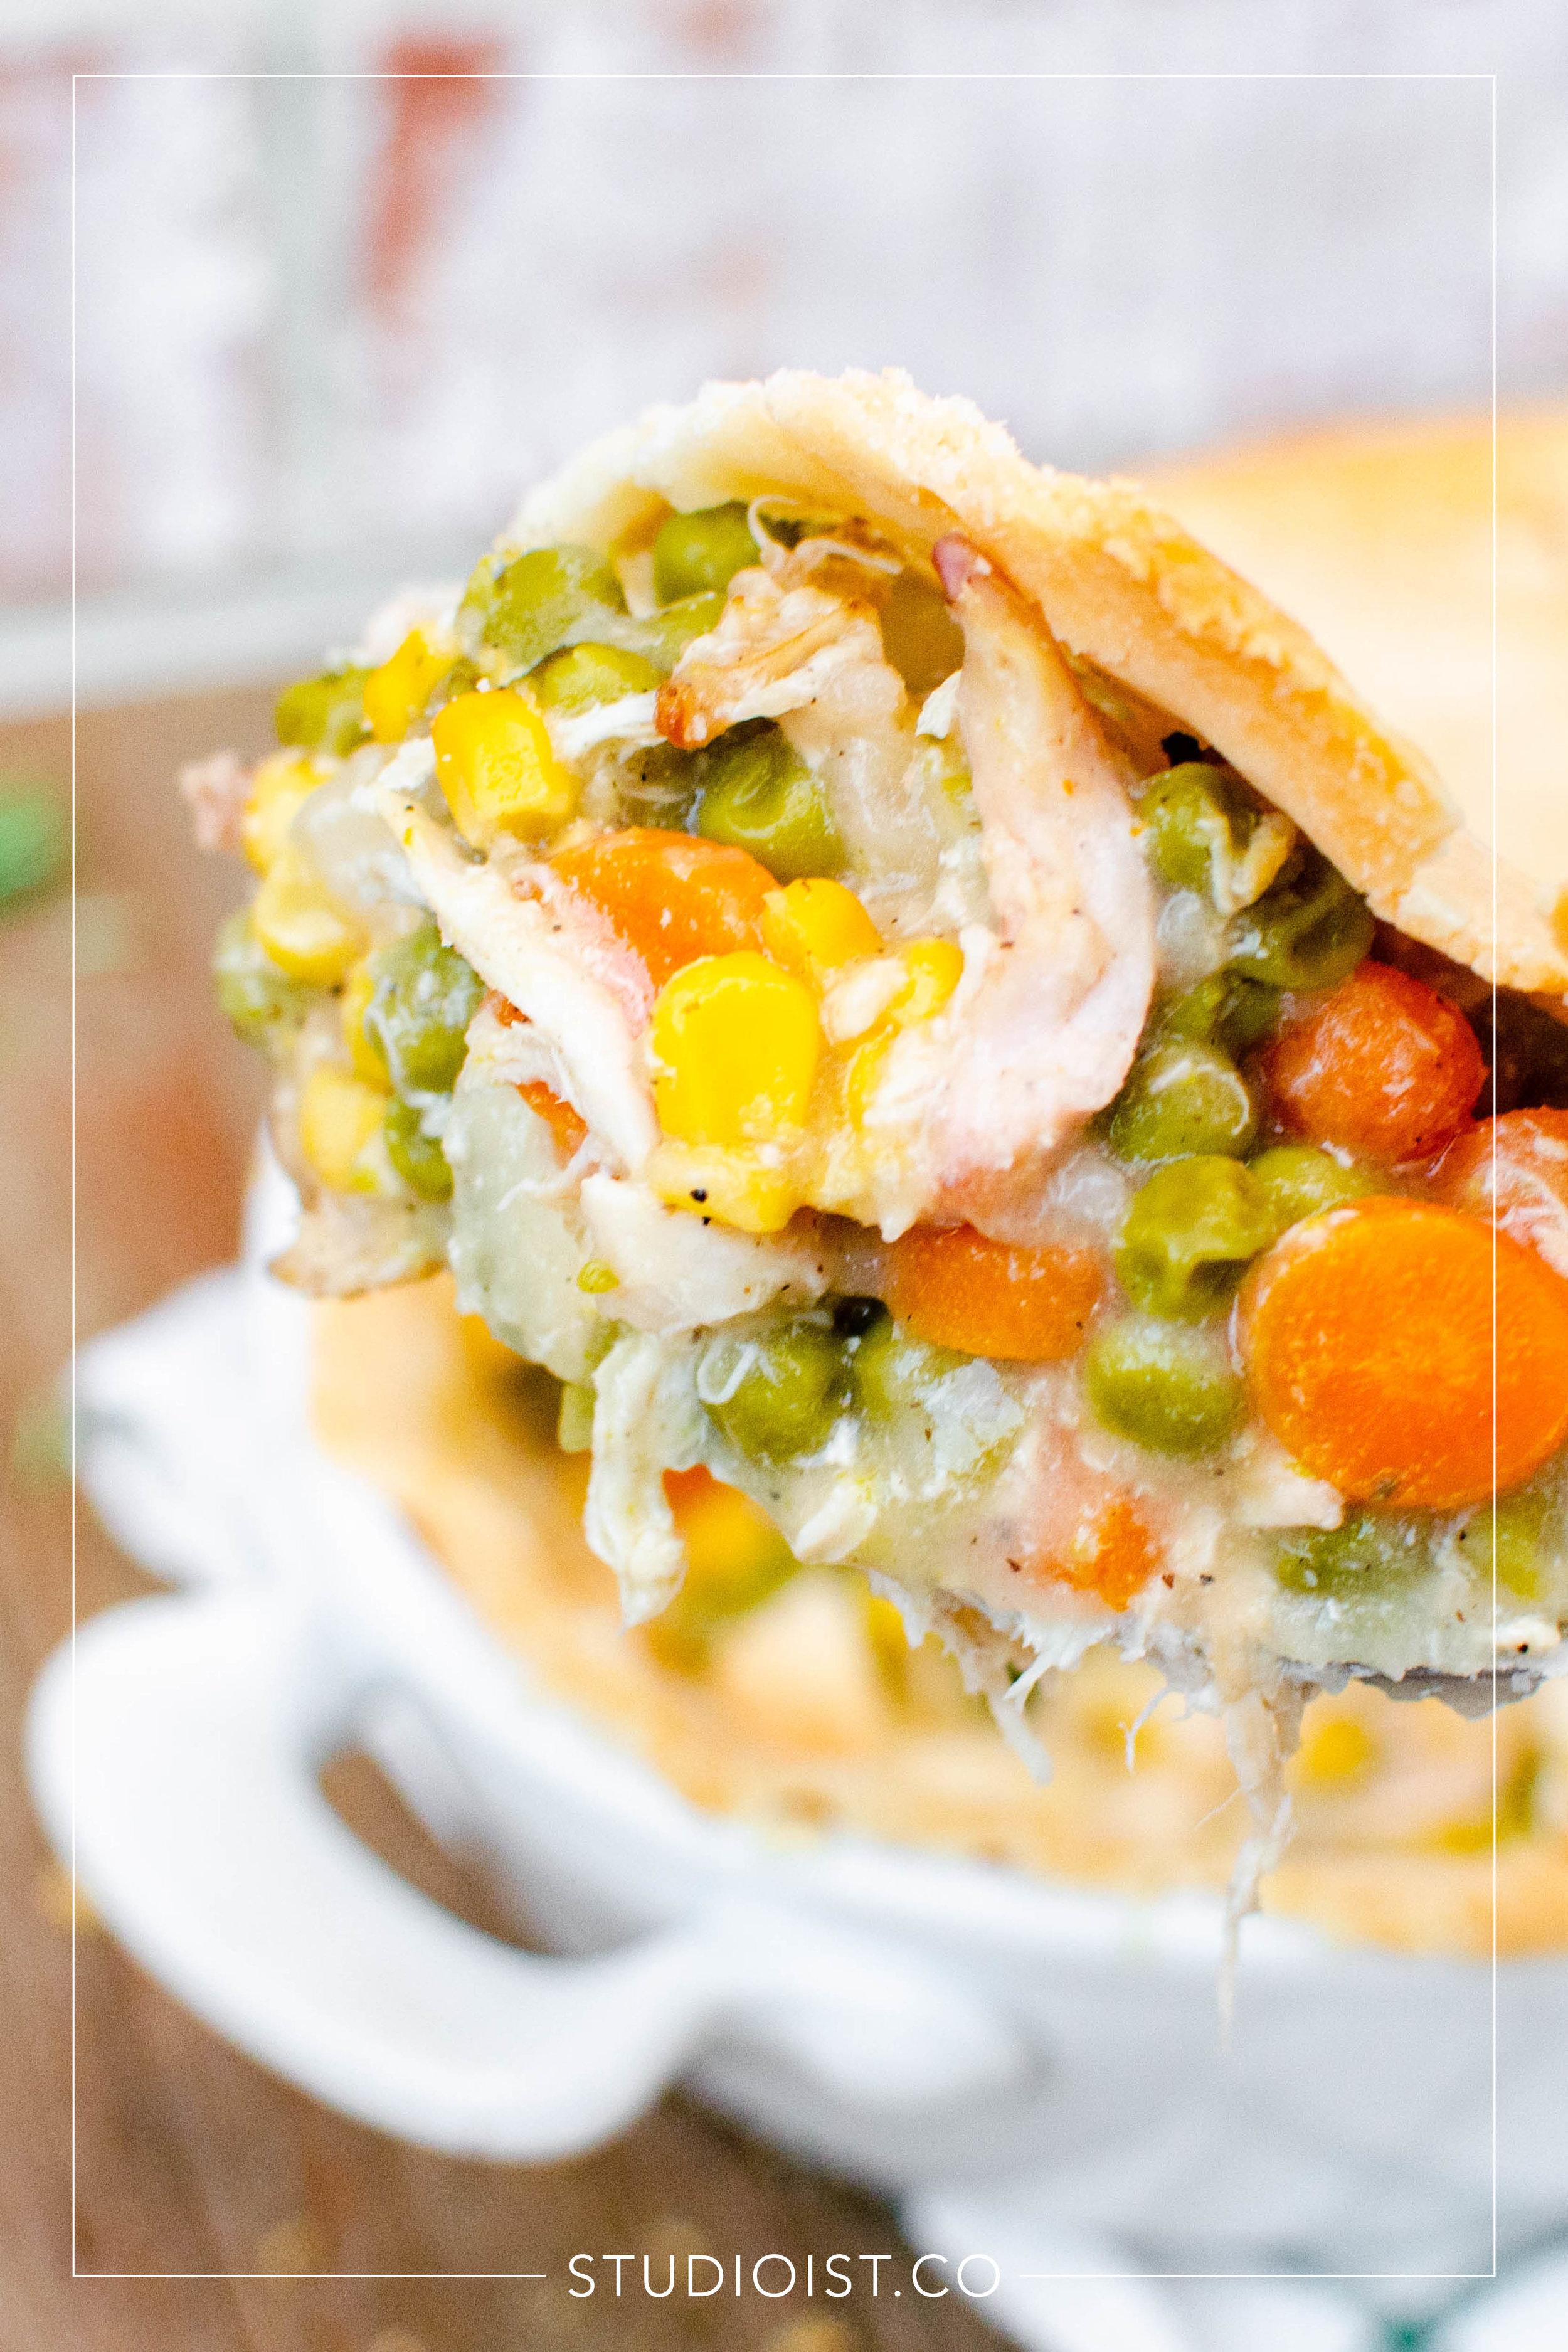 Studioist_Pinterest Design_Chicken Pot Pie3.jpg